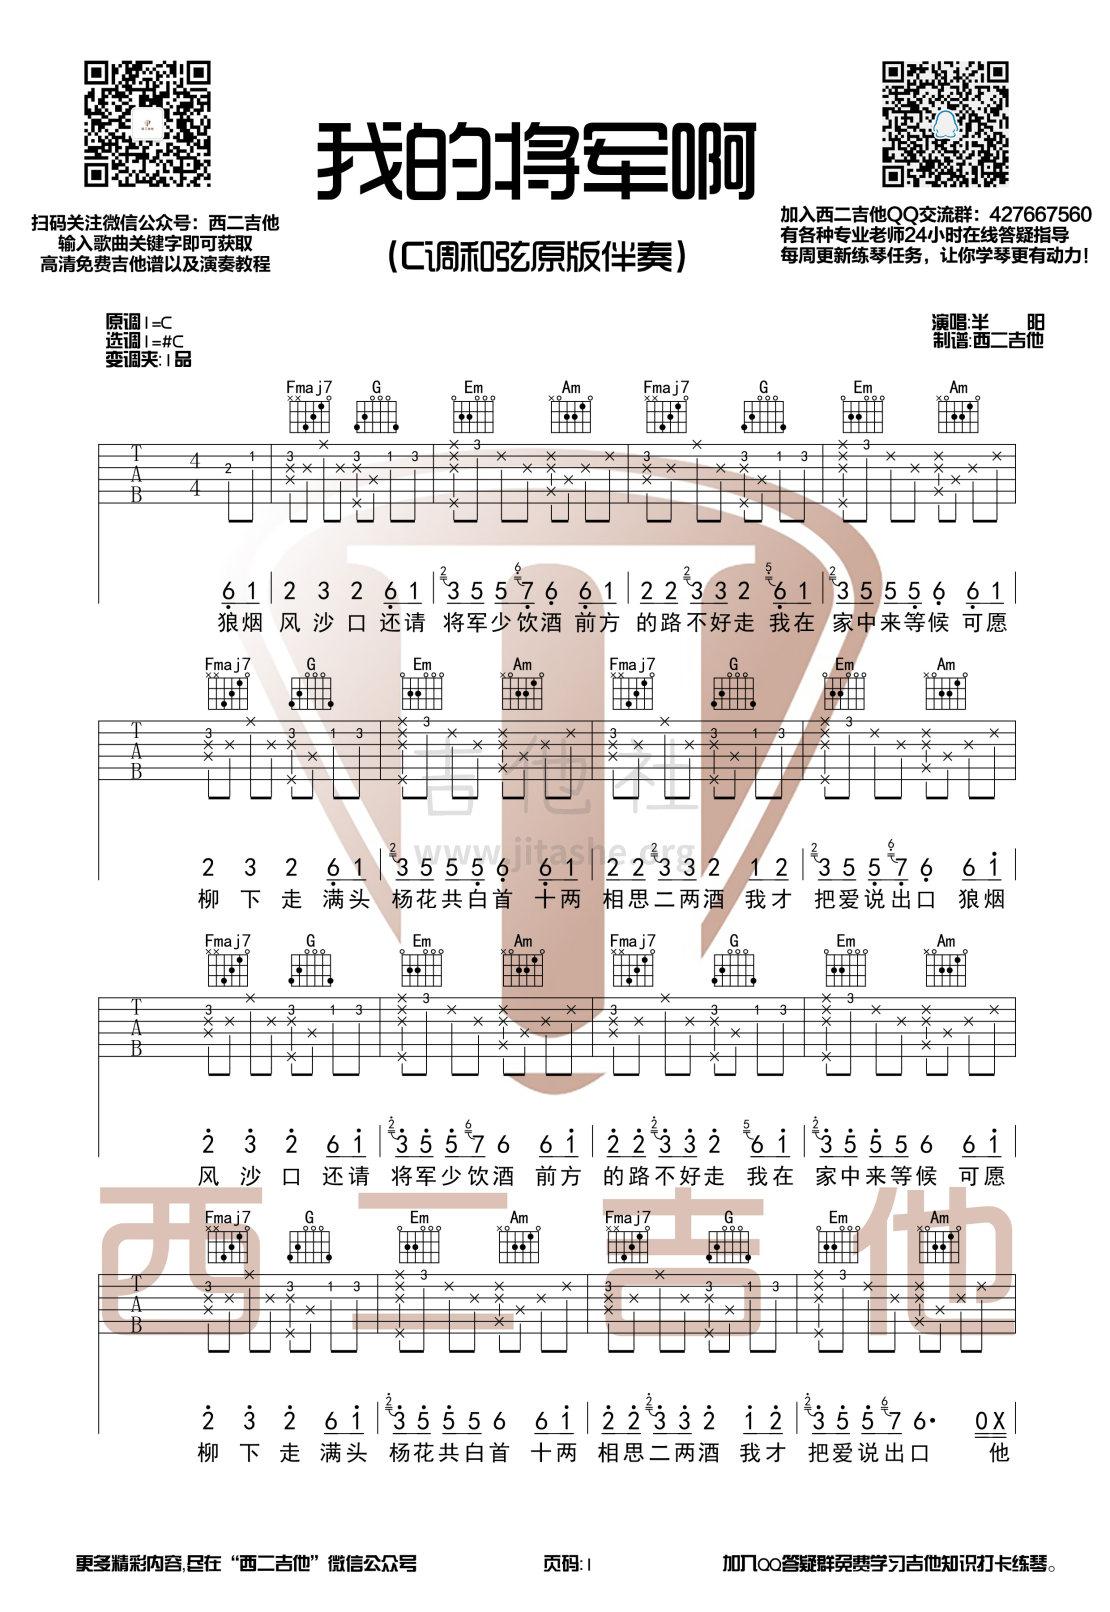 我的将军啊吉他谱(图片谱,西二吉他,C调,原版)_MC半阳_我的将军啊1.jpg